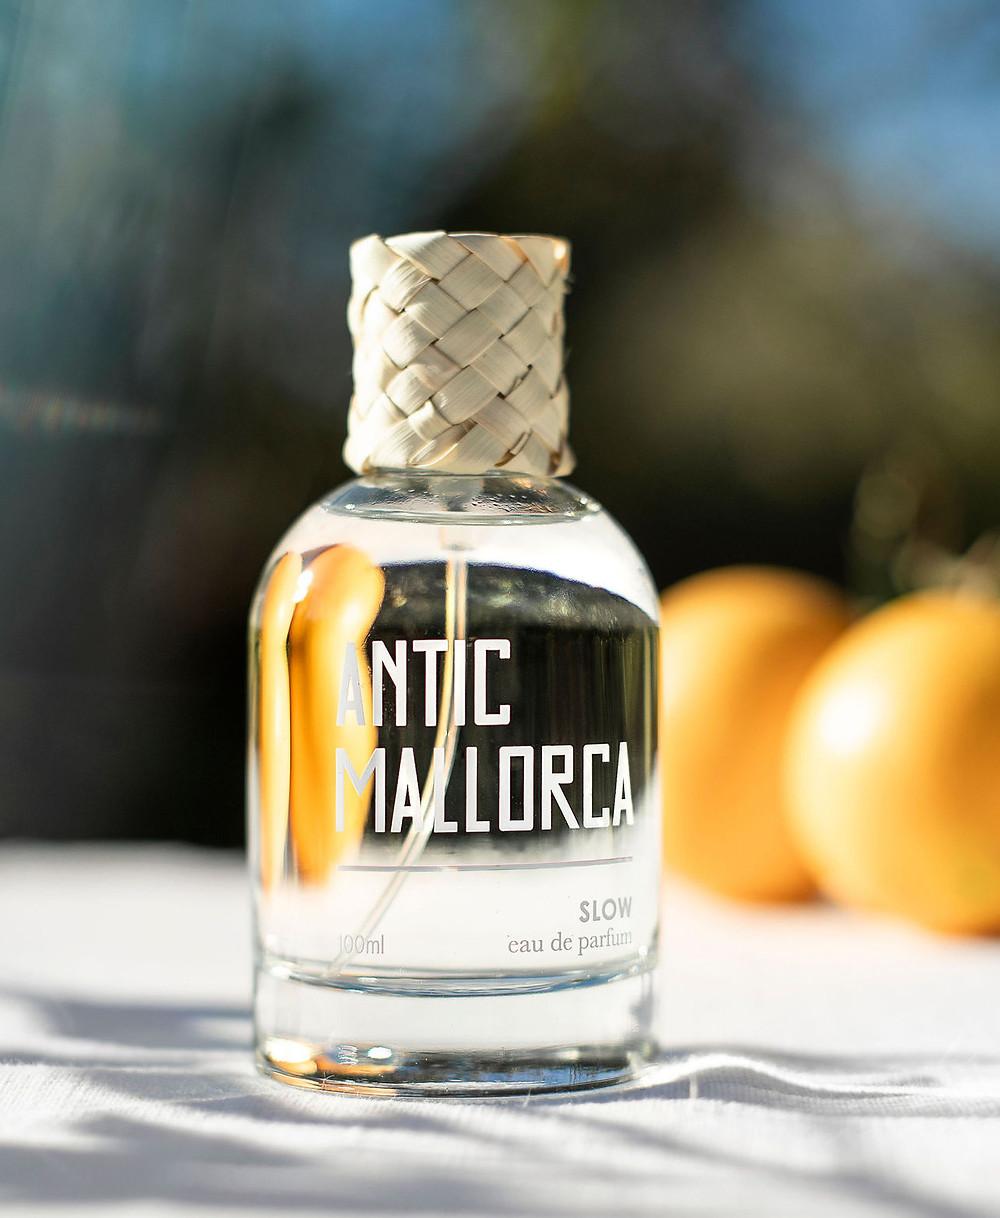 El perfume de Antic Mallorca huele a flor de azahar y a cítricos. Olor a limpio y fresco que enamorará a tu media naranja.